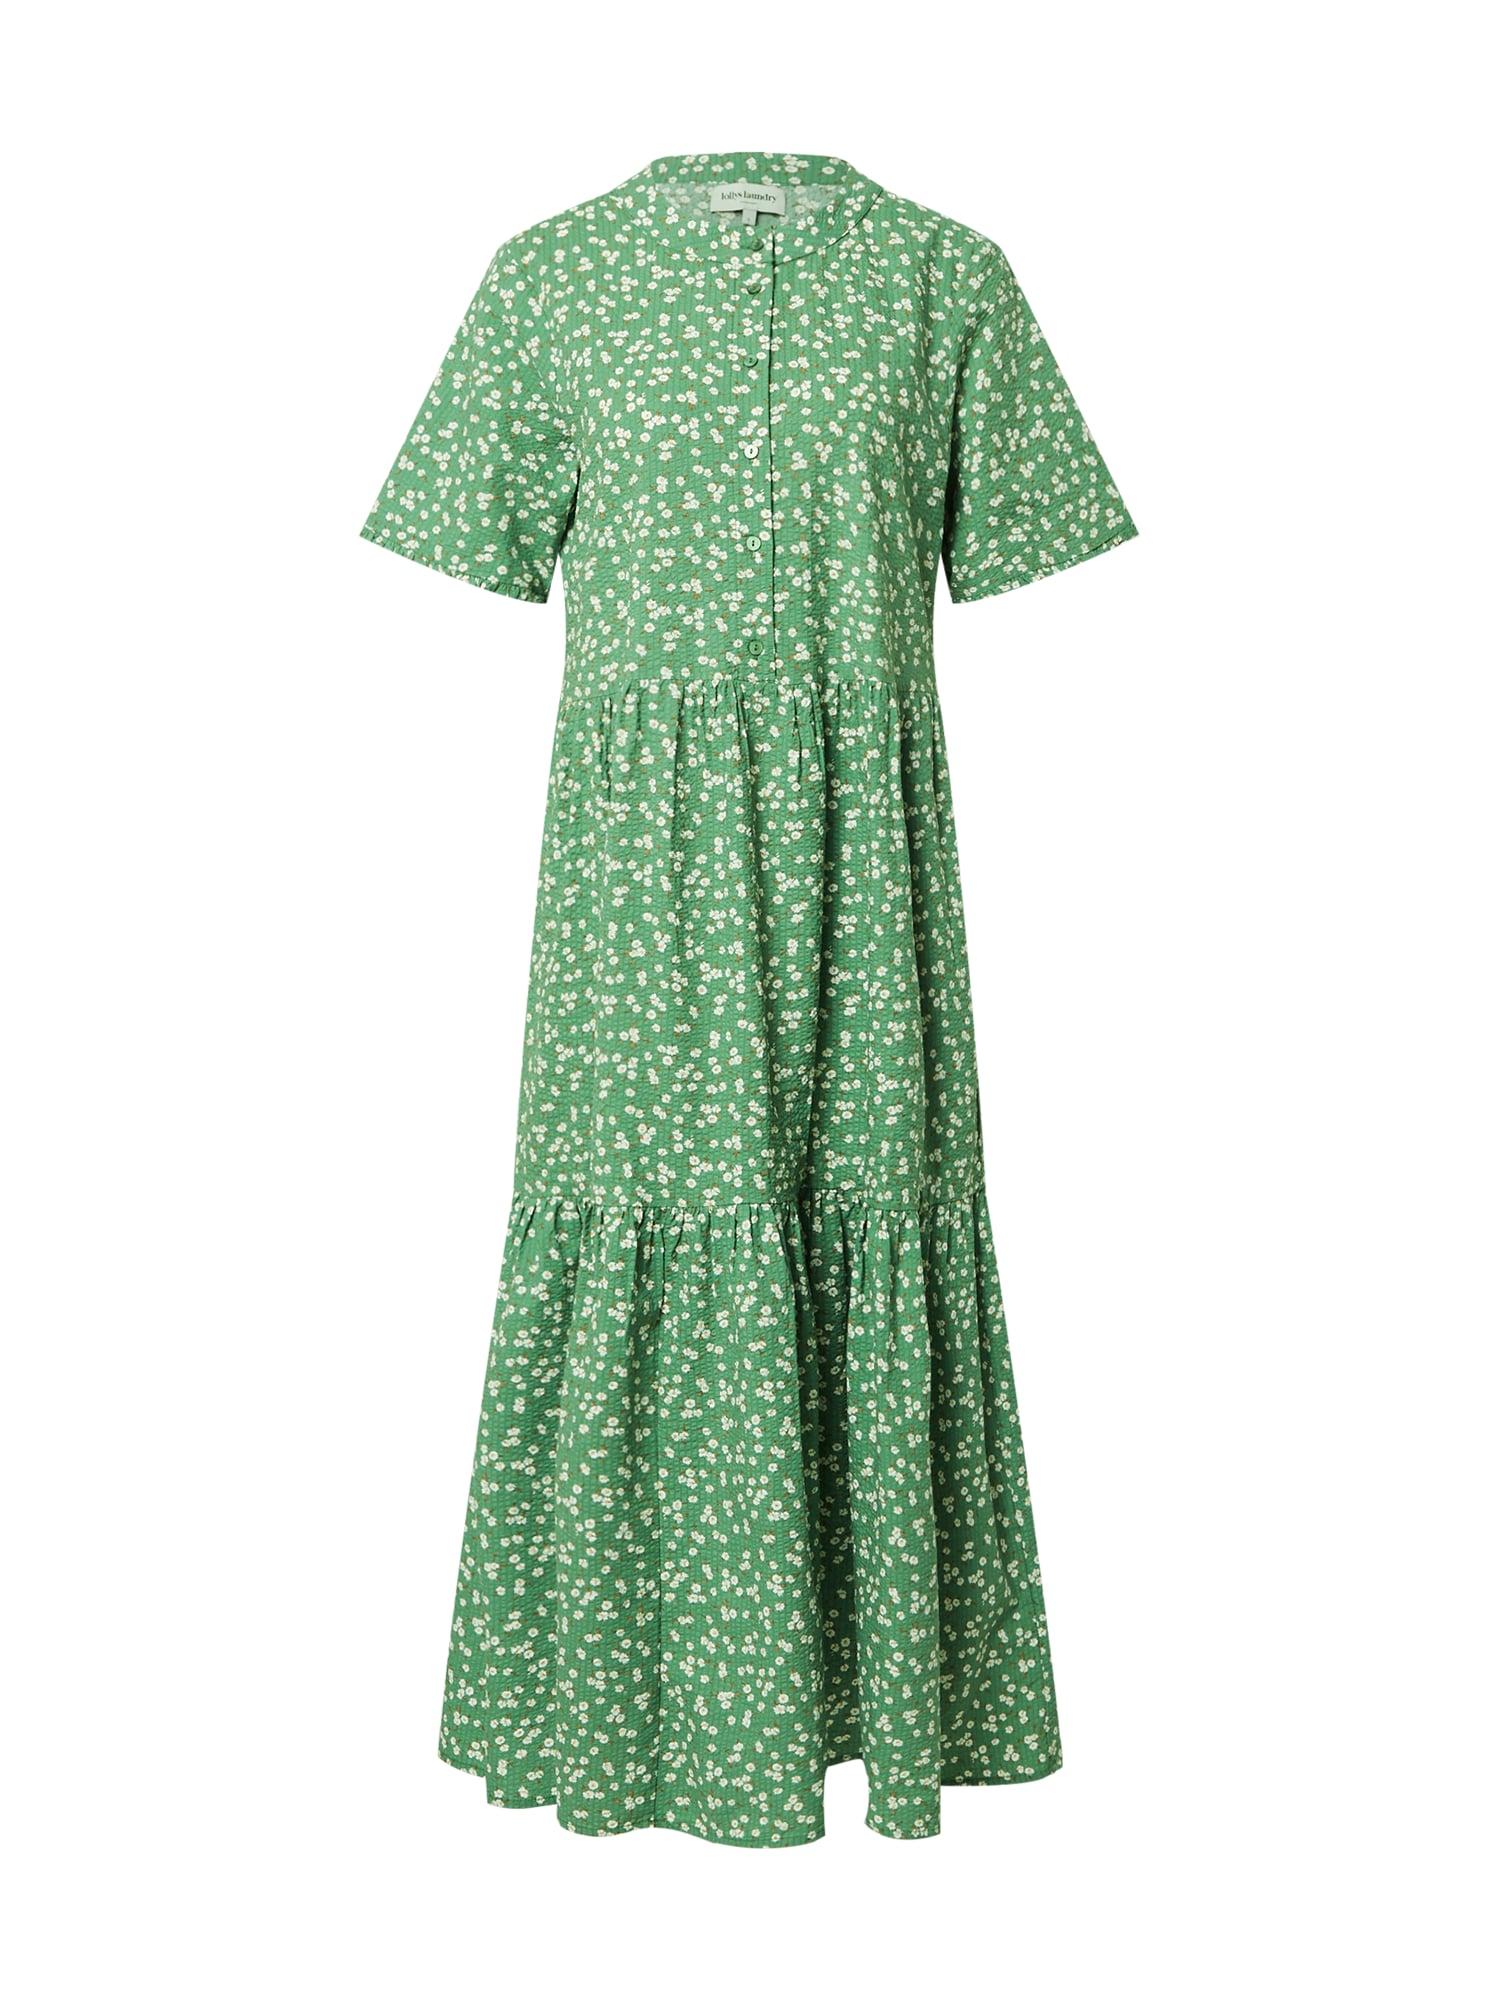 Lollys Laundry Palaidinės tipo suknelė žolės žalia / balta / karamelės / žaliosios citrinos spalva / ruda (konjako)